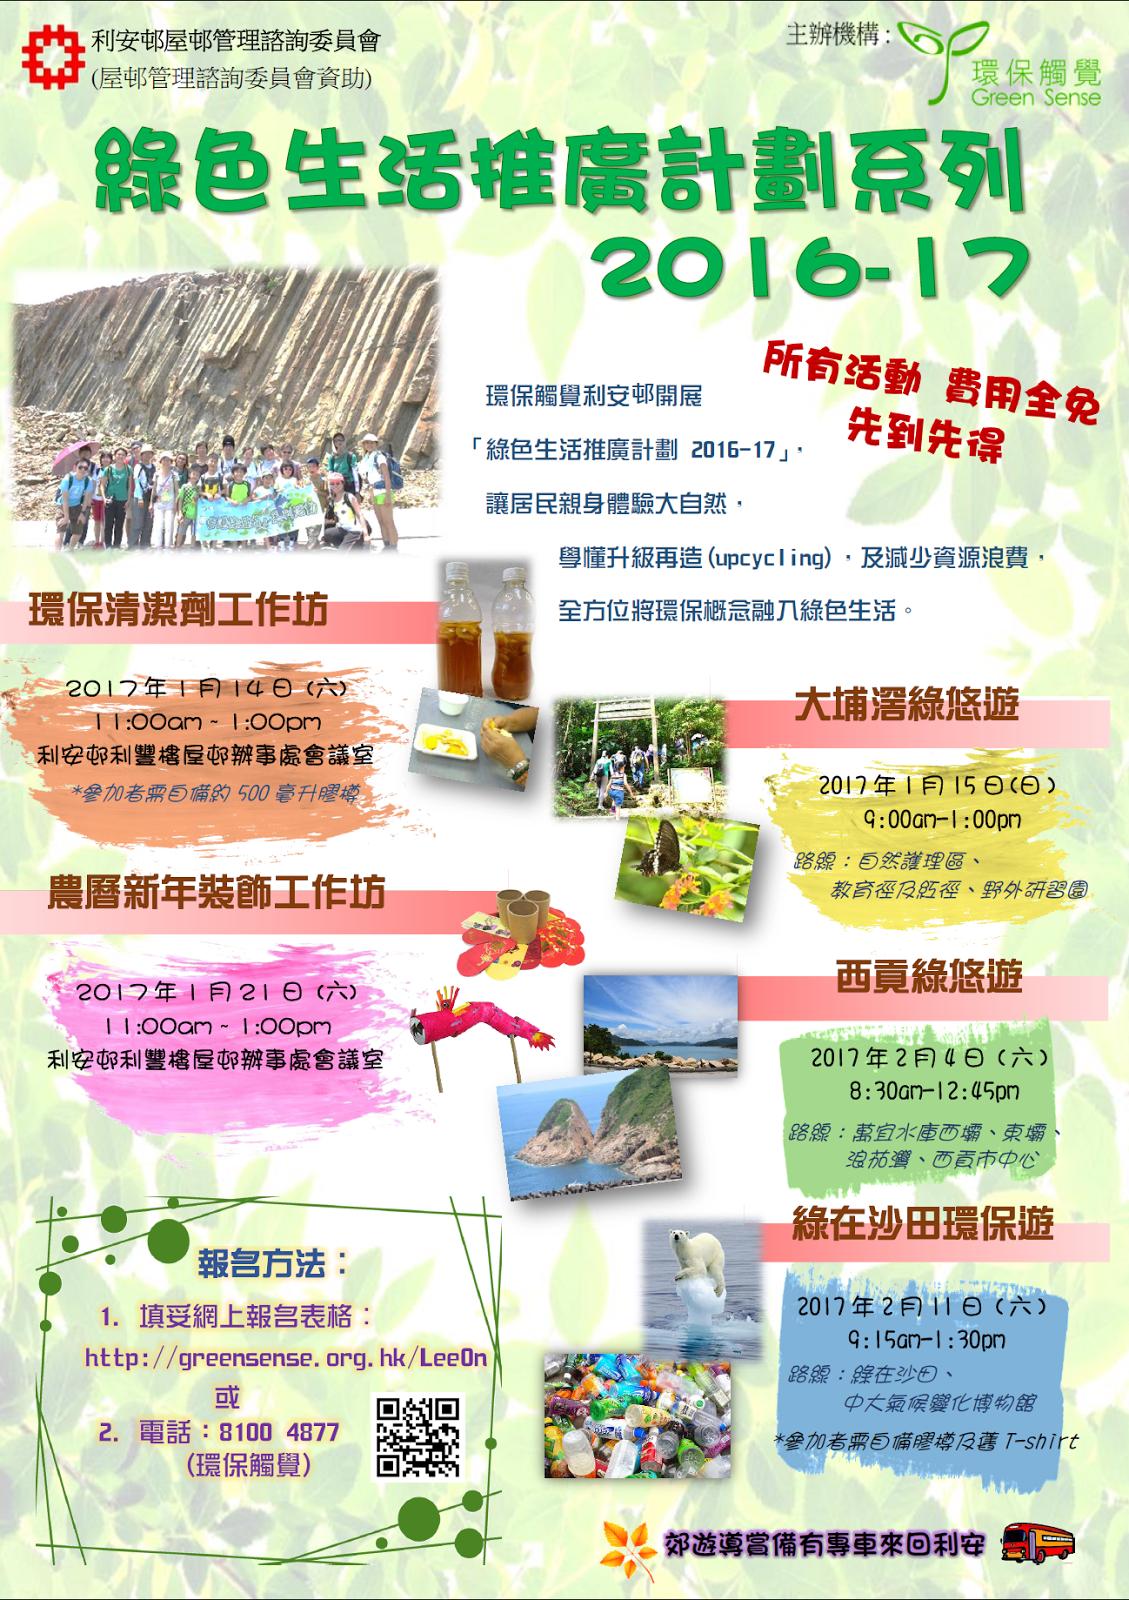 過往活動:利安邨【綠色生活推廣計劃系列 2016-17】